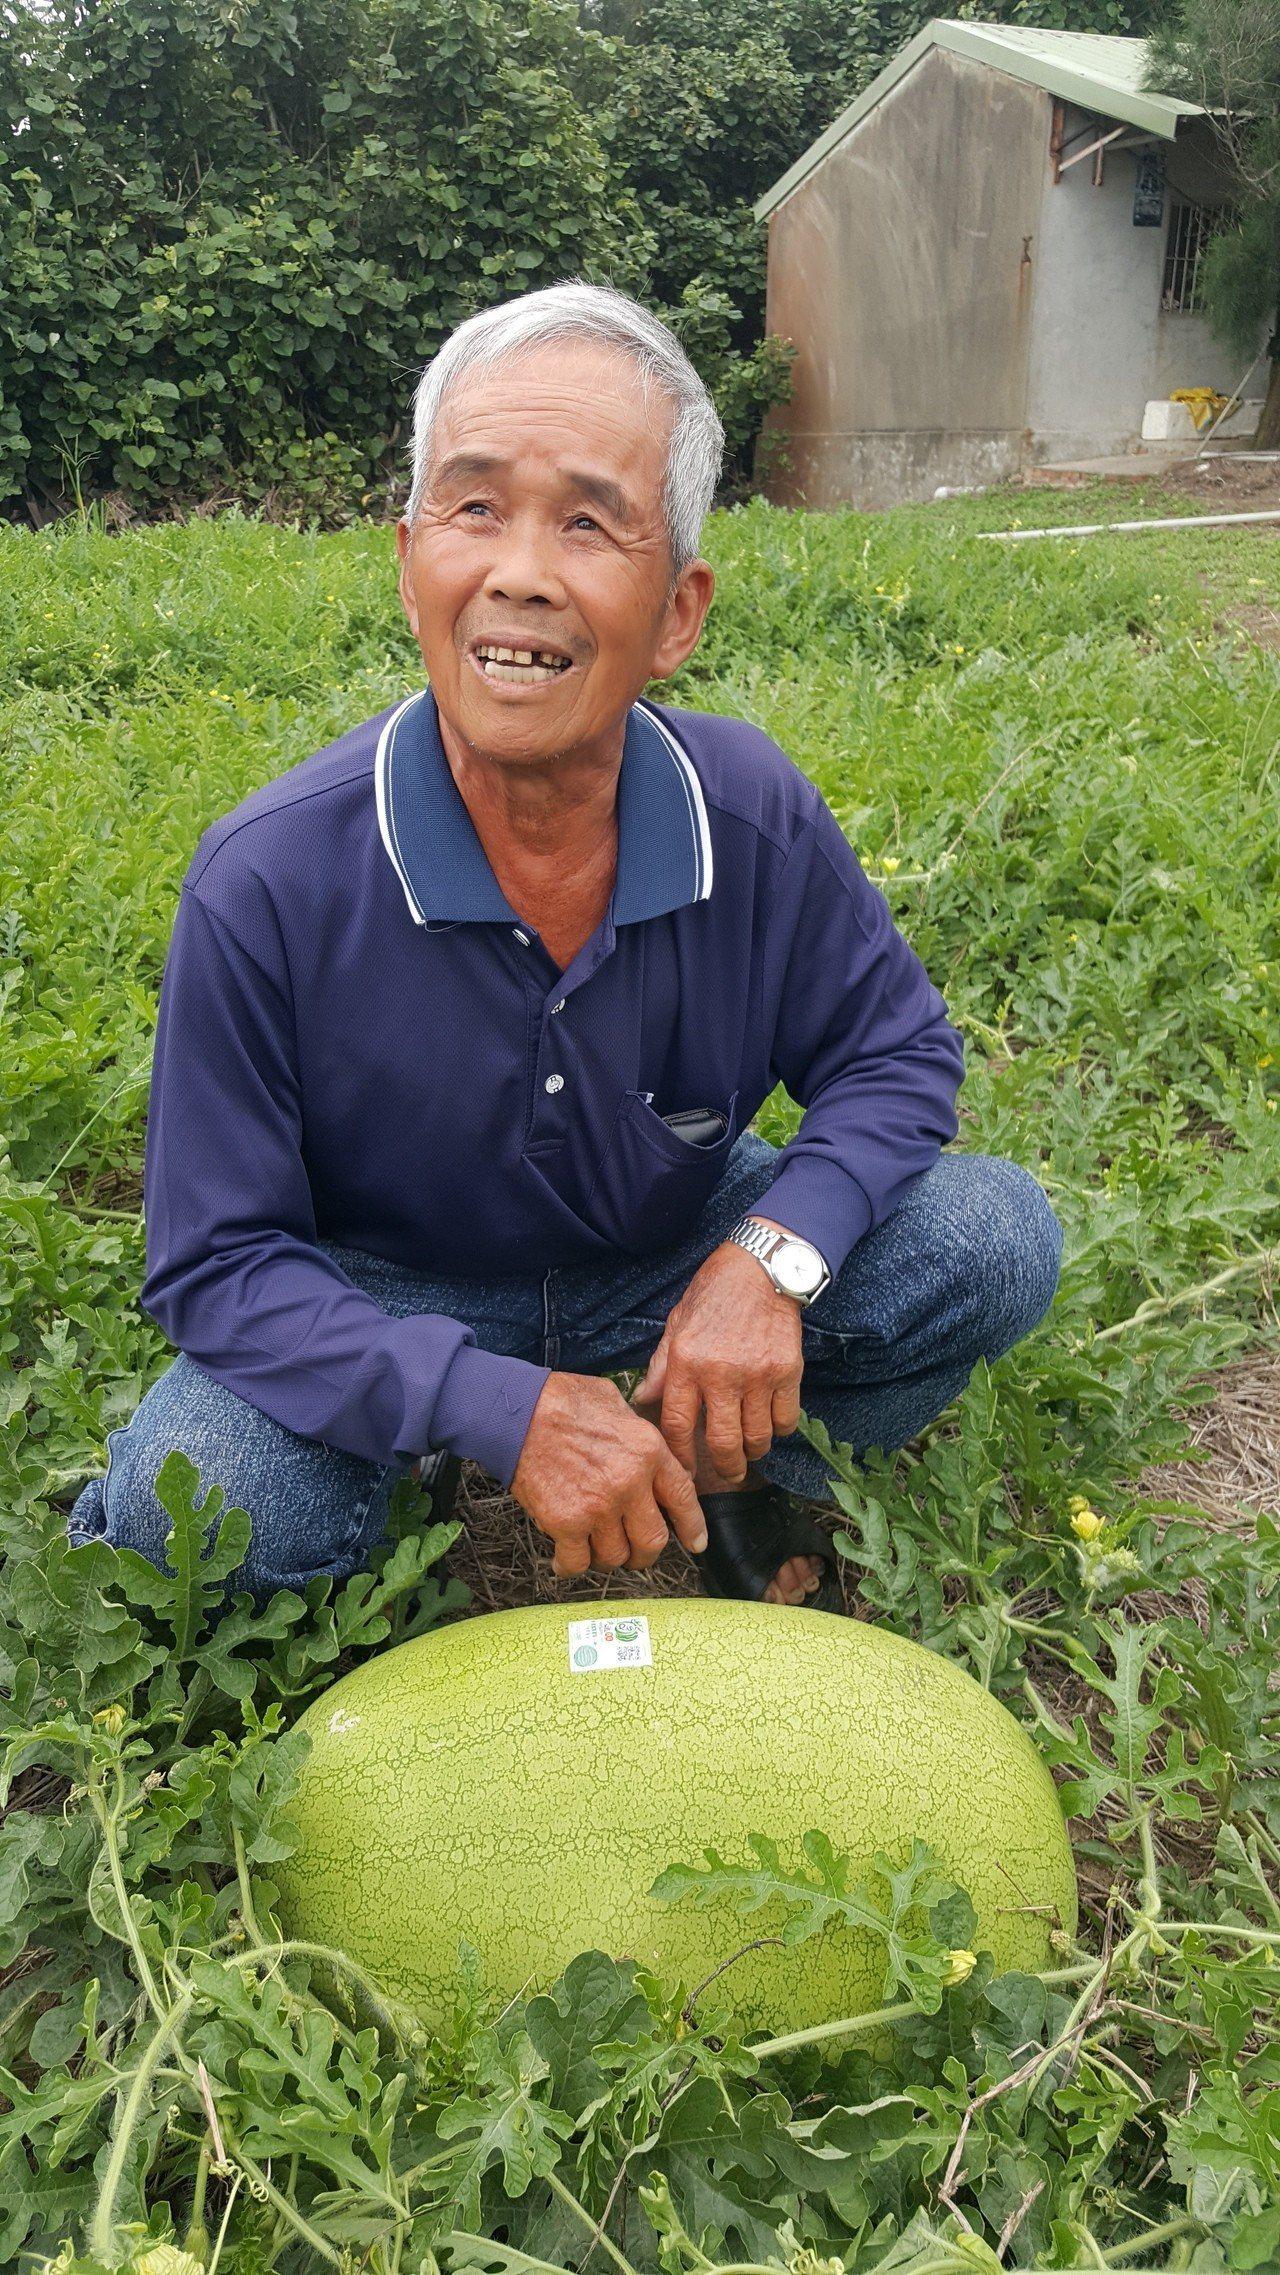 在後龍鎮清海宮附近種西瓜的老農王忠義,近年來在白沙屯媽祖婆網 站協助行銷下,建立...